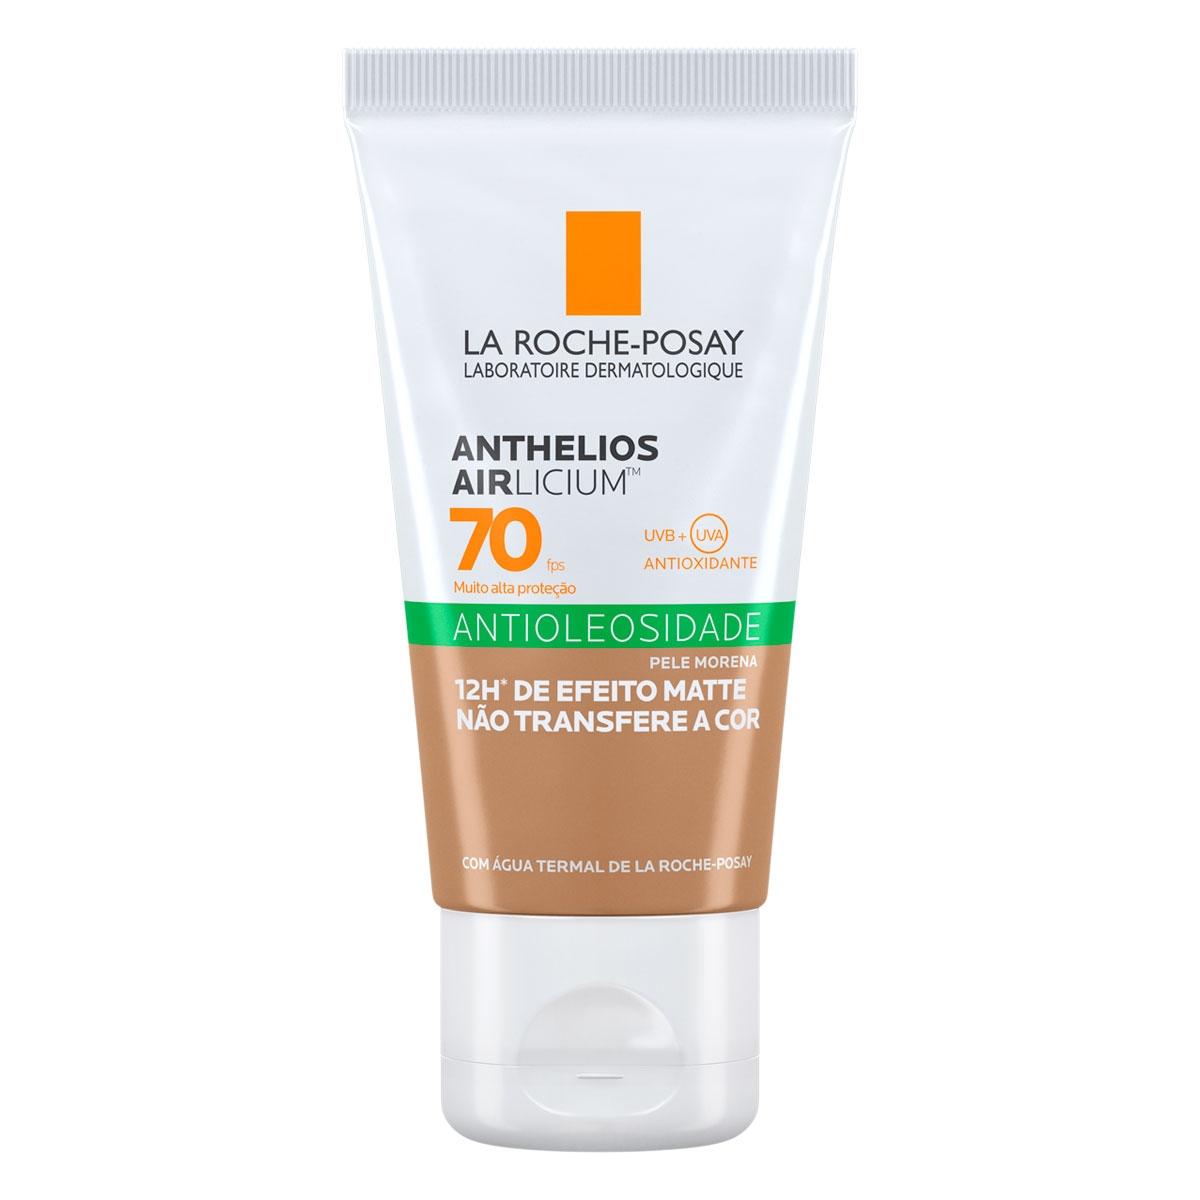 Protetor Solar Facial Com Cor La Roche-Posay Anthelios Airlicium Antioleosidade Pele Morena FPS 70 com 40g 40g